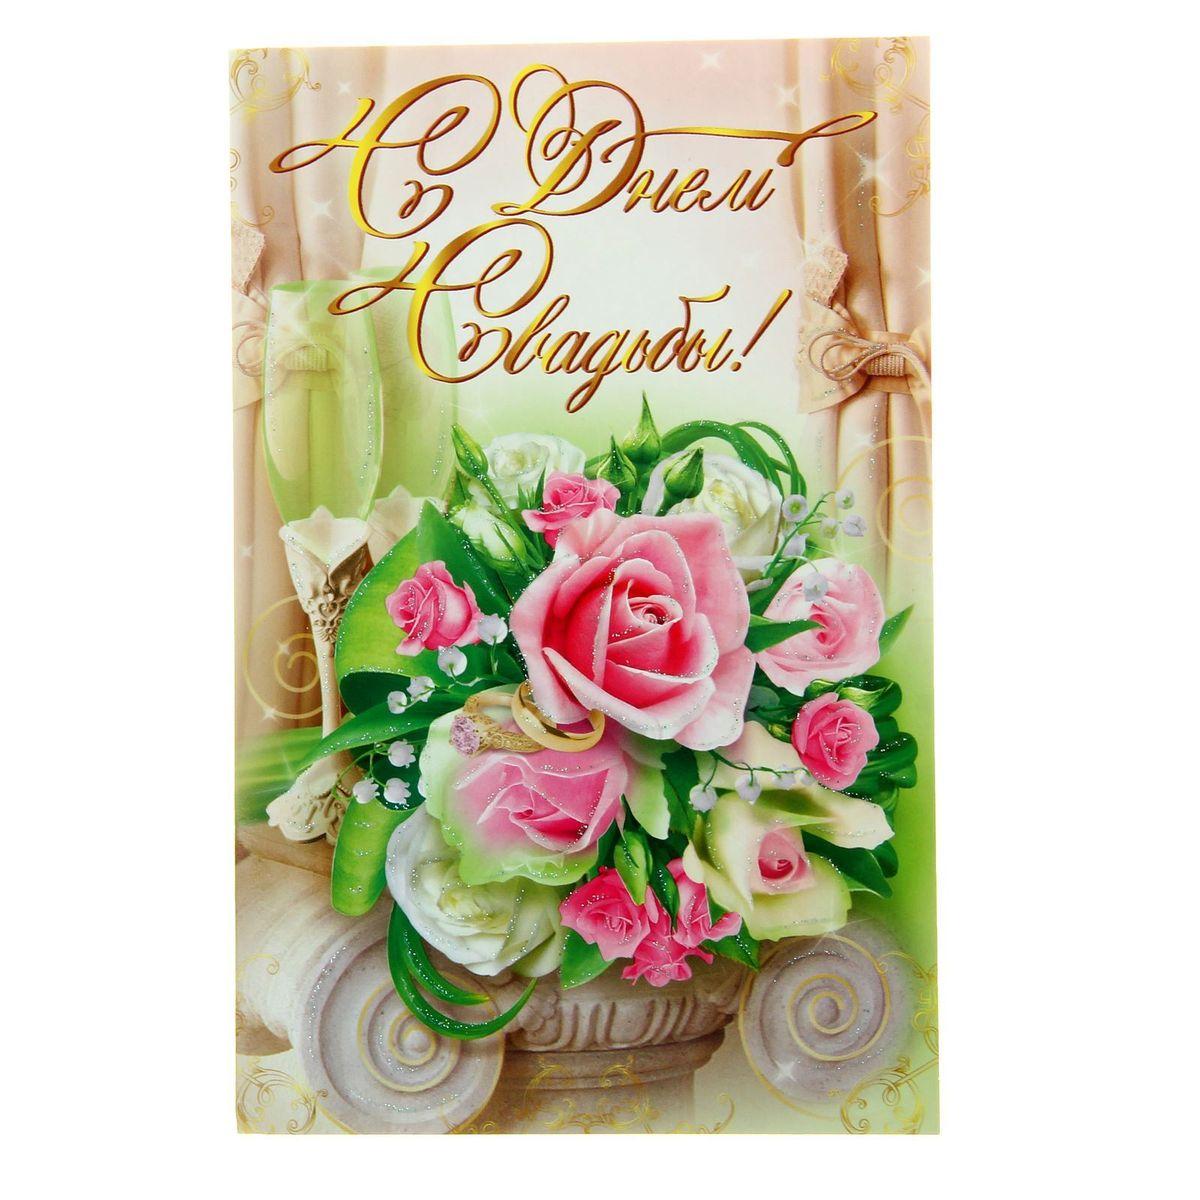 Открытка Эдельвейс С днем свадьбы!. 11623261162326Если вы хотите порадовать себя или близких, создатьпраздничное настроение и с улыбкой провести памятный день,то вы, несомненно, сделали правильный выбор! Открытка Эдельвейс С днем свадьбы!, выполненная из плотной бумаги, отличается не только оригинальным дизайном, но и высоким качеством.